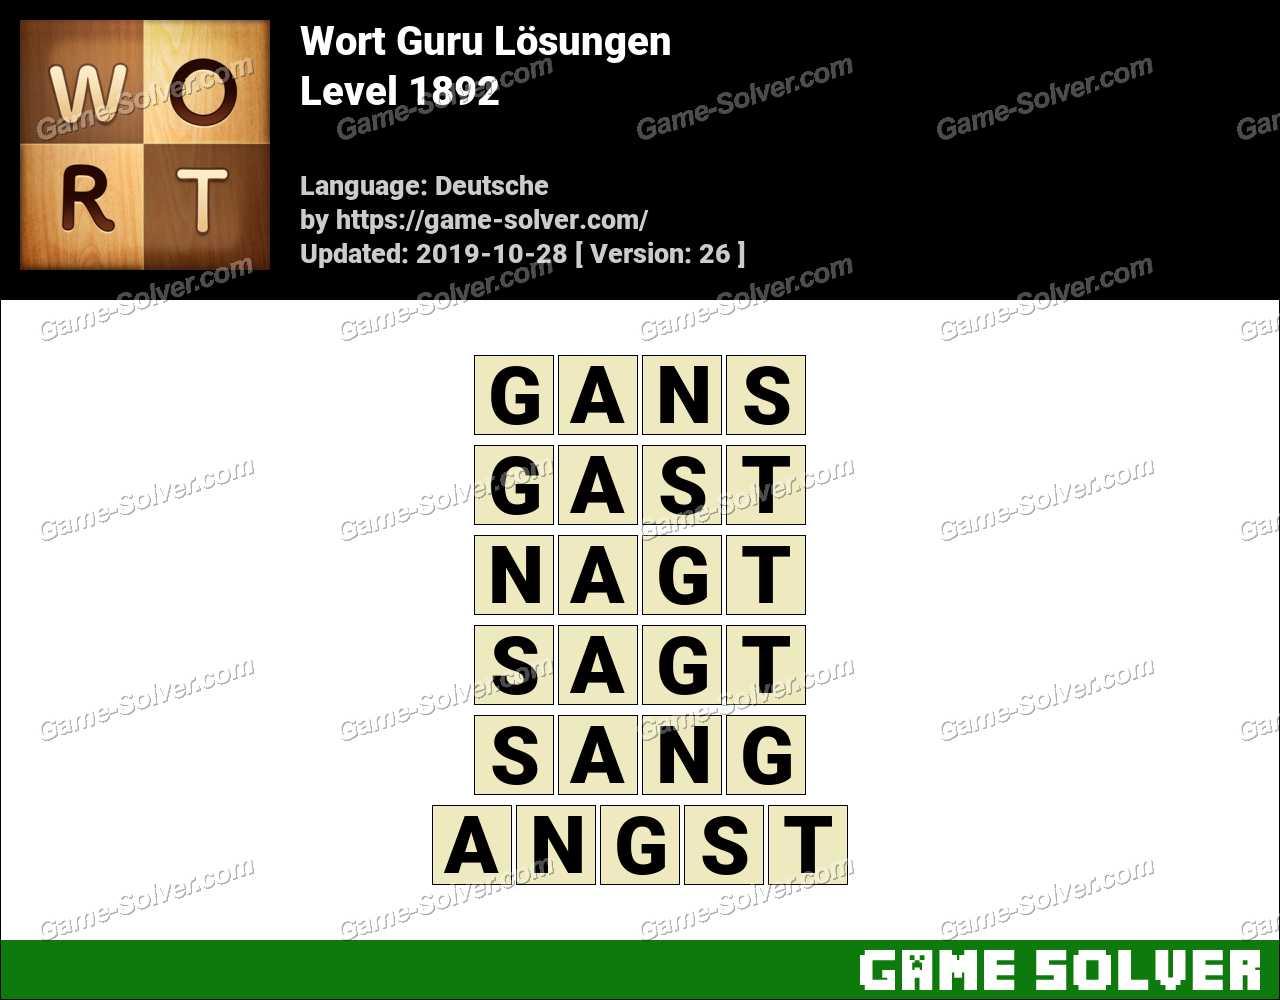 Wort Guru Level 1892 Lösungen